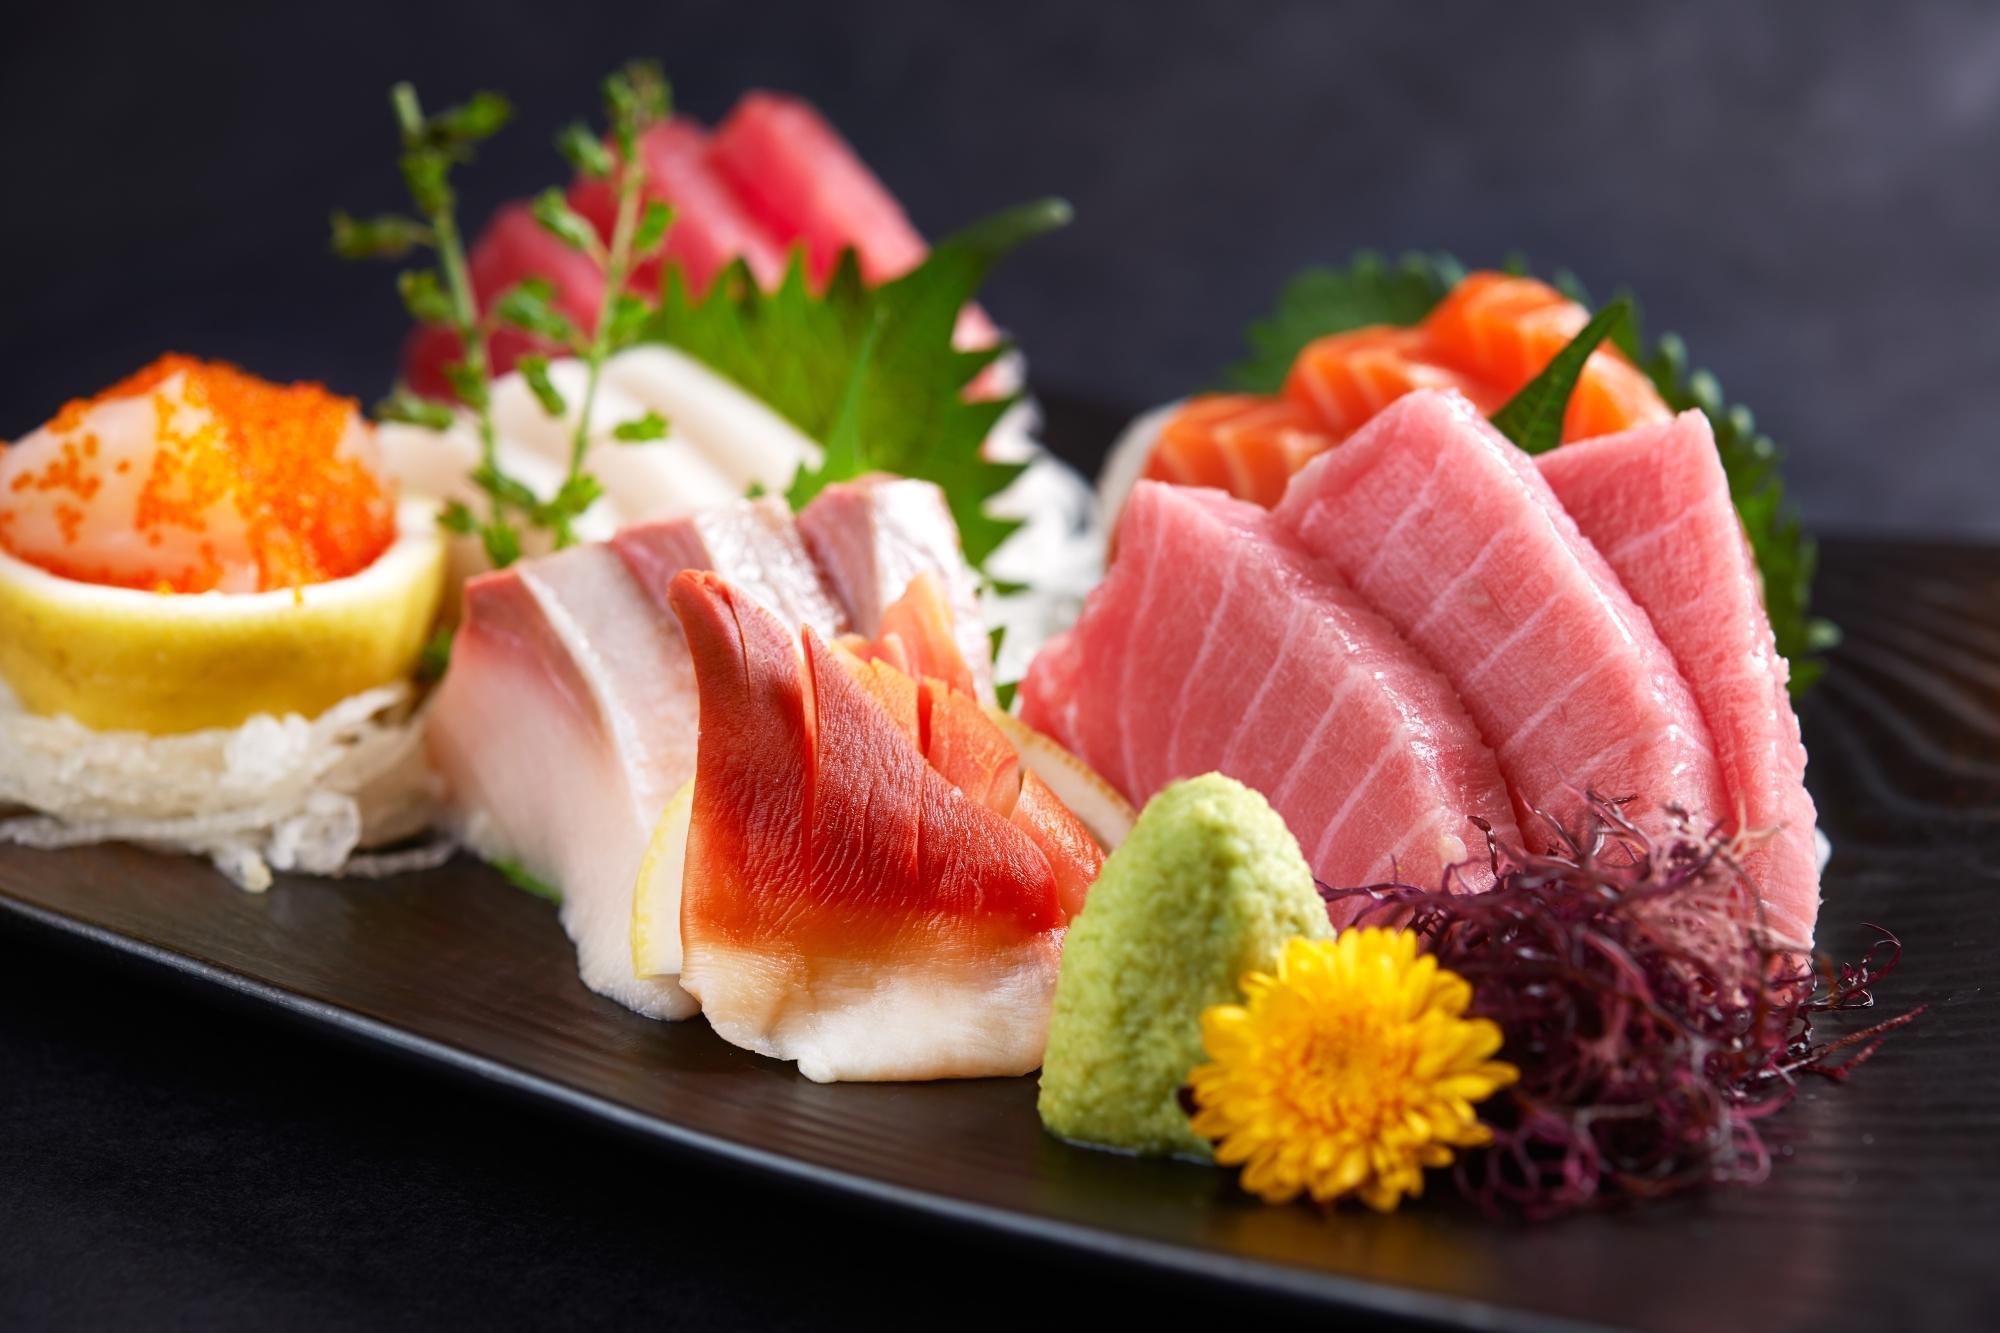 вам нужно сашими от японских мастеров фото актуальная